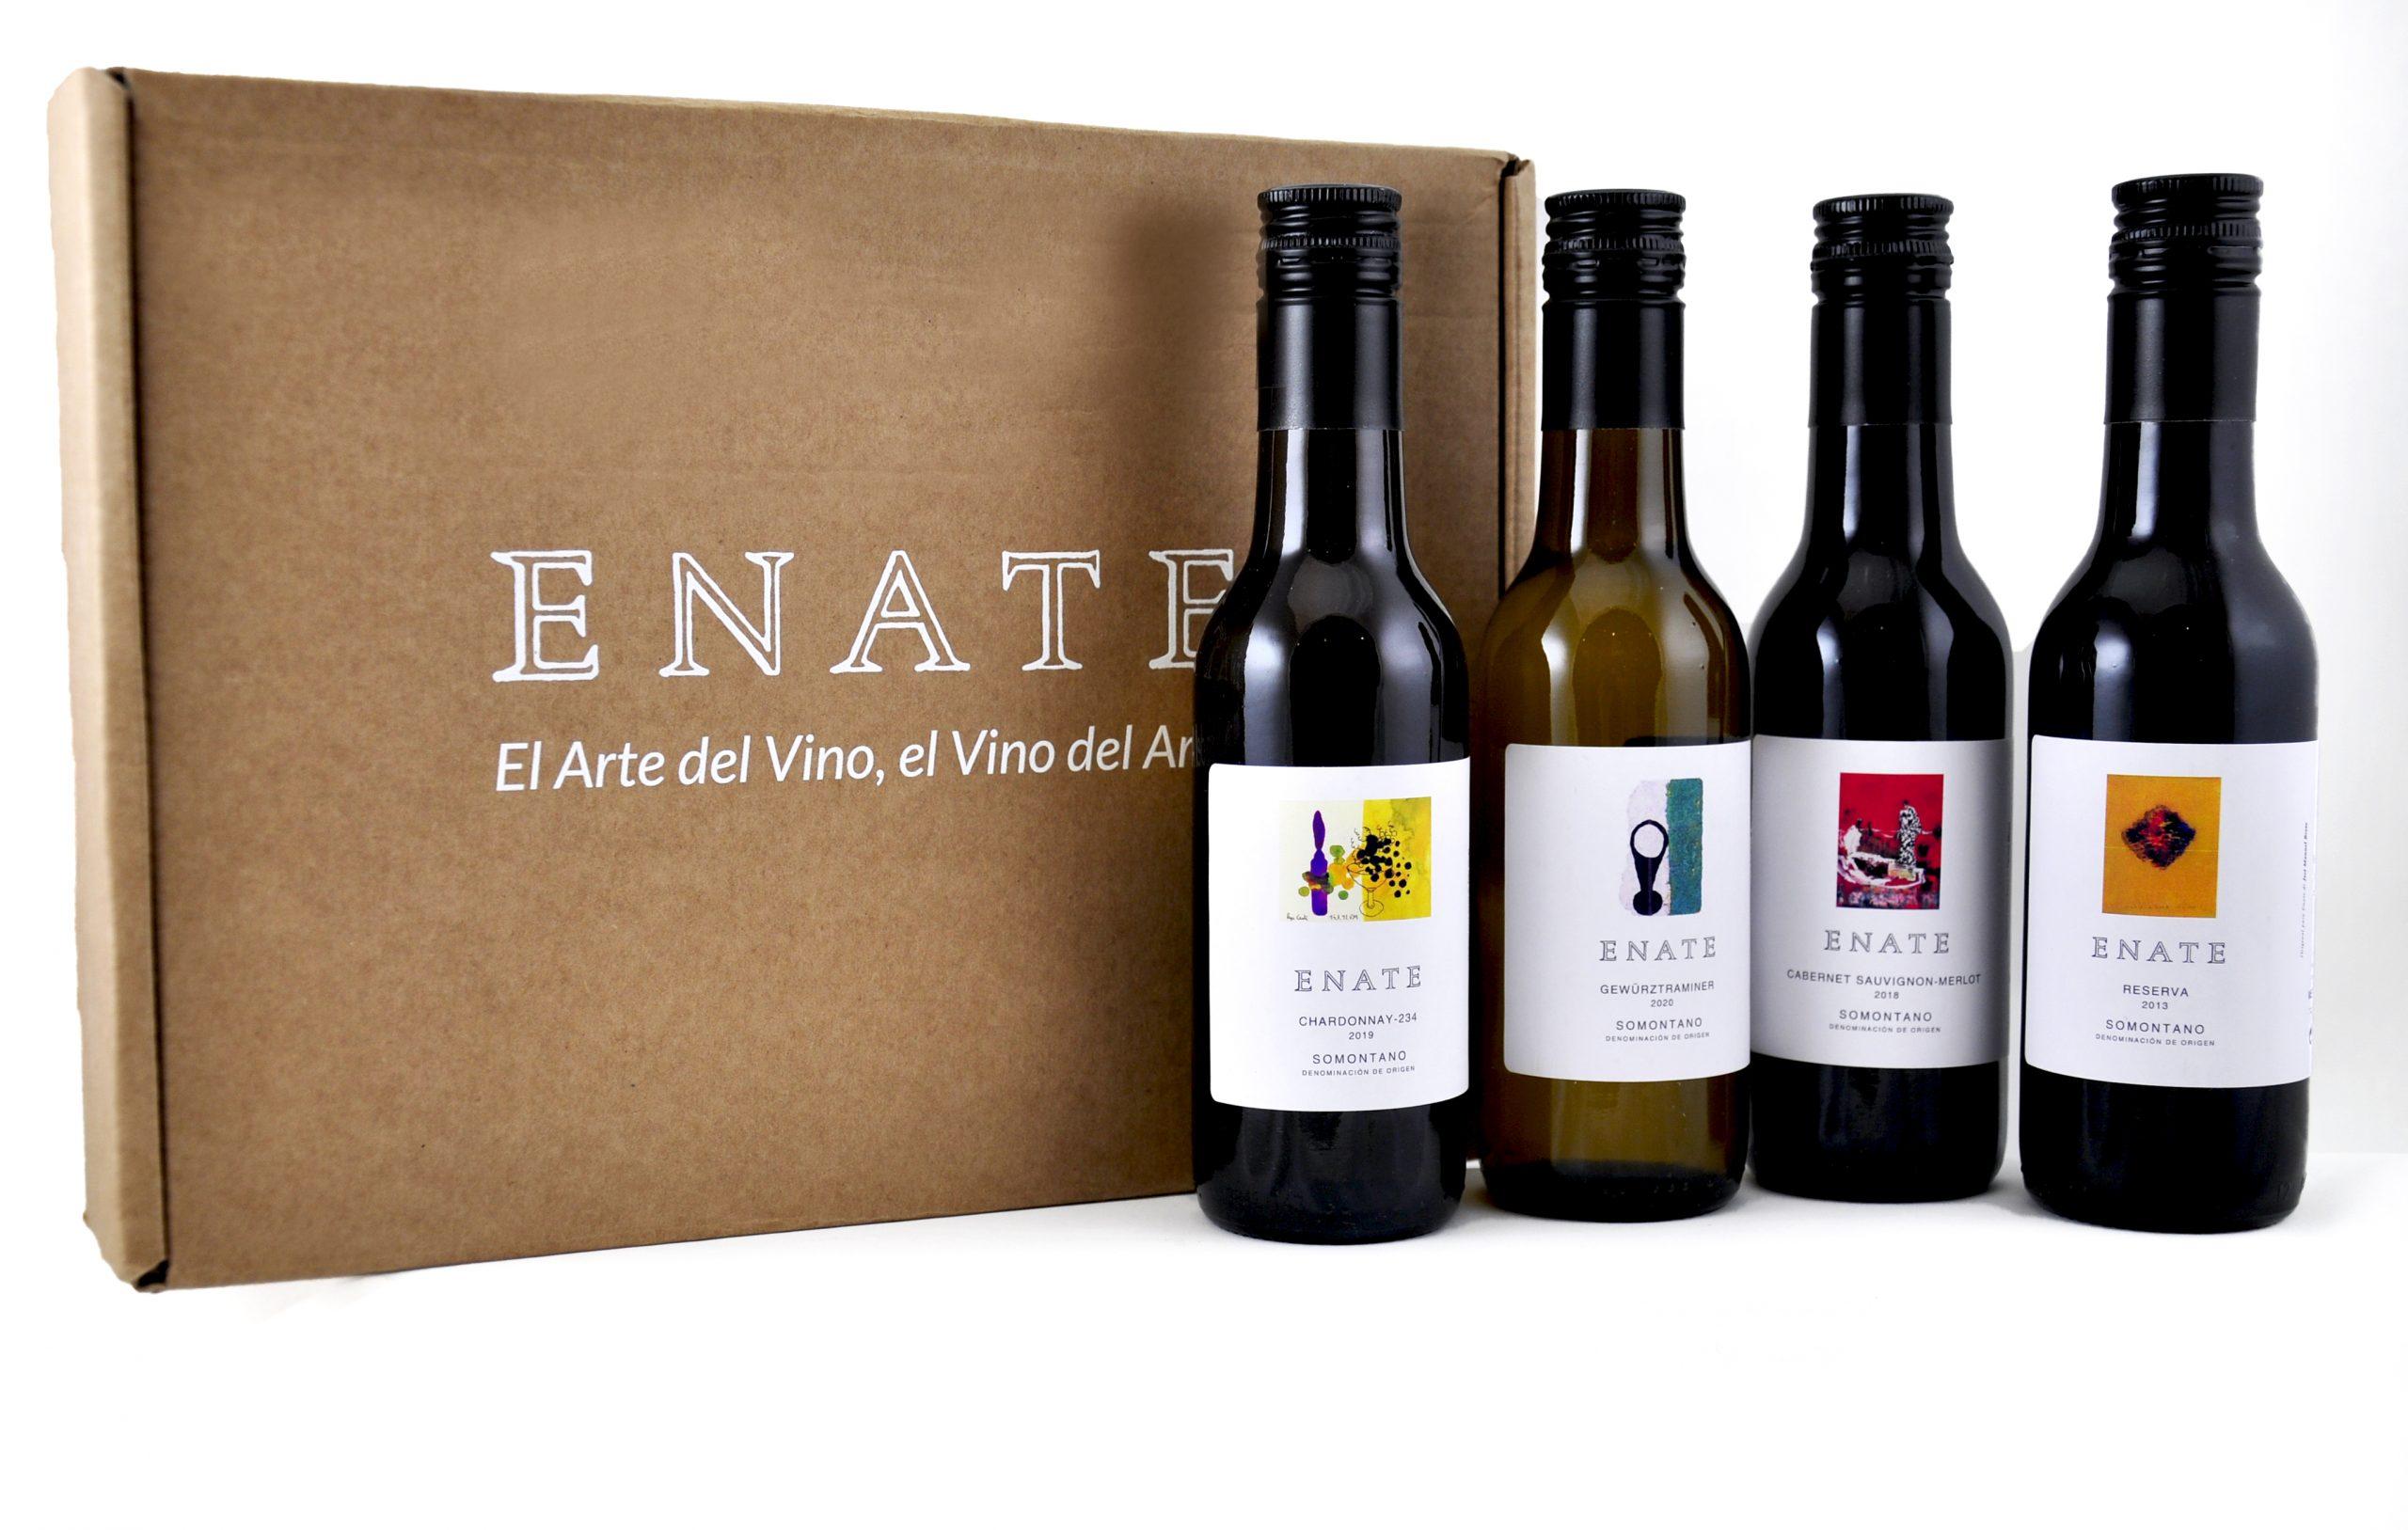 Durante la visita online de ENATE se catarán cuatro de sus vinos más esenciales